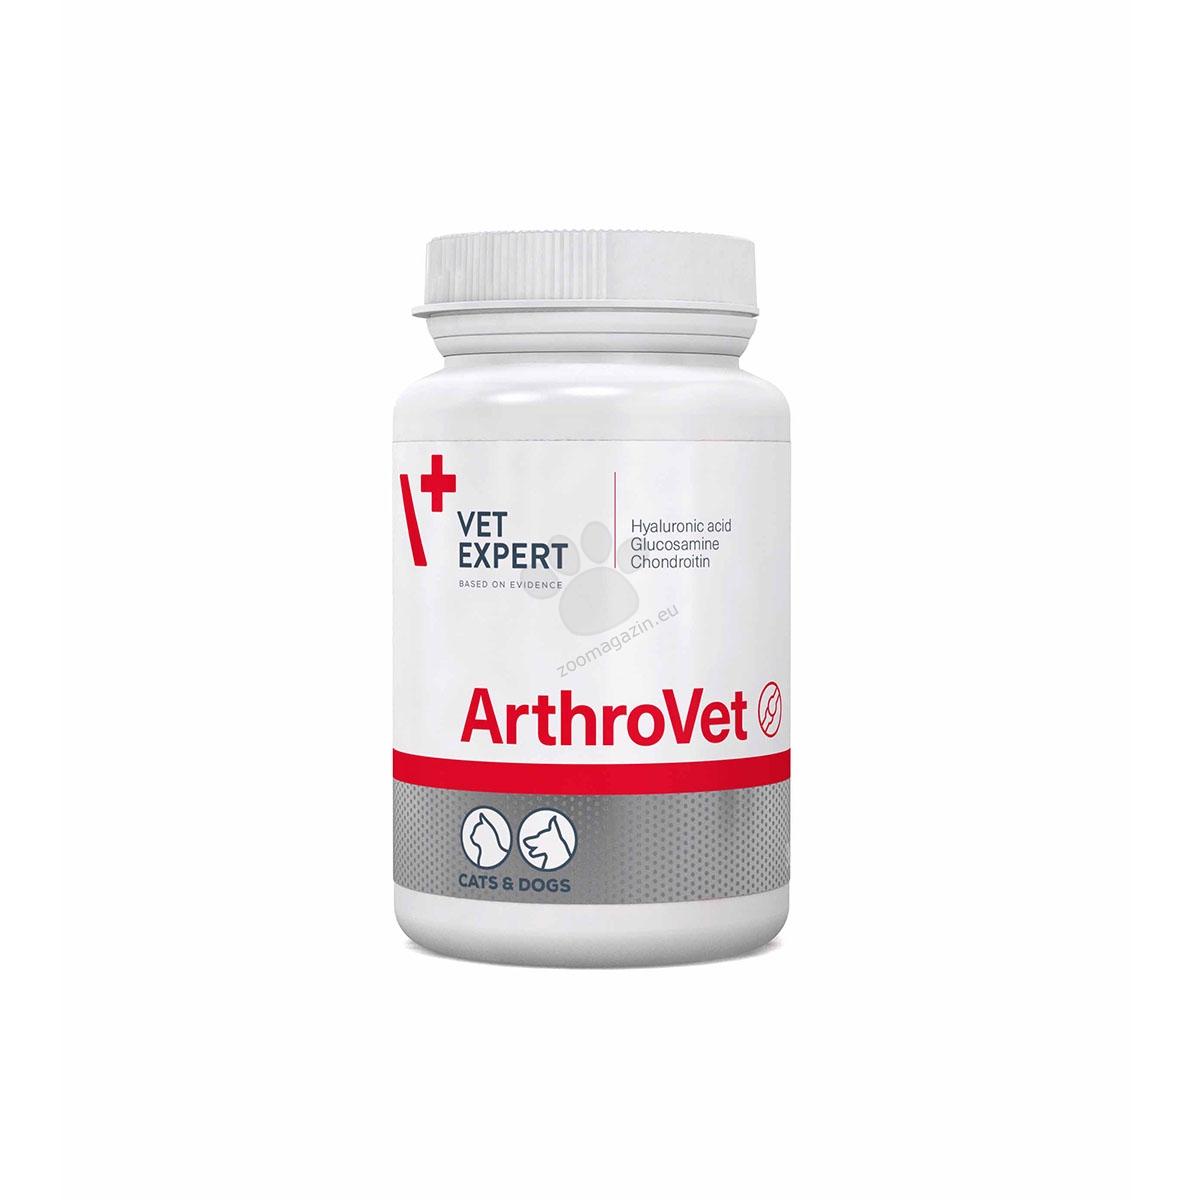 Vetexpert - ArthroVet - високо качество на достъпна цена 60 табл.